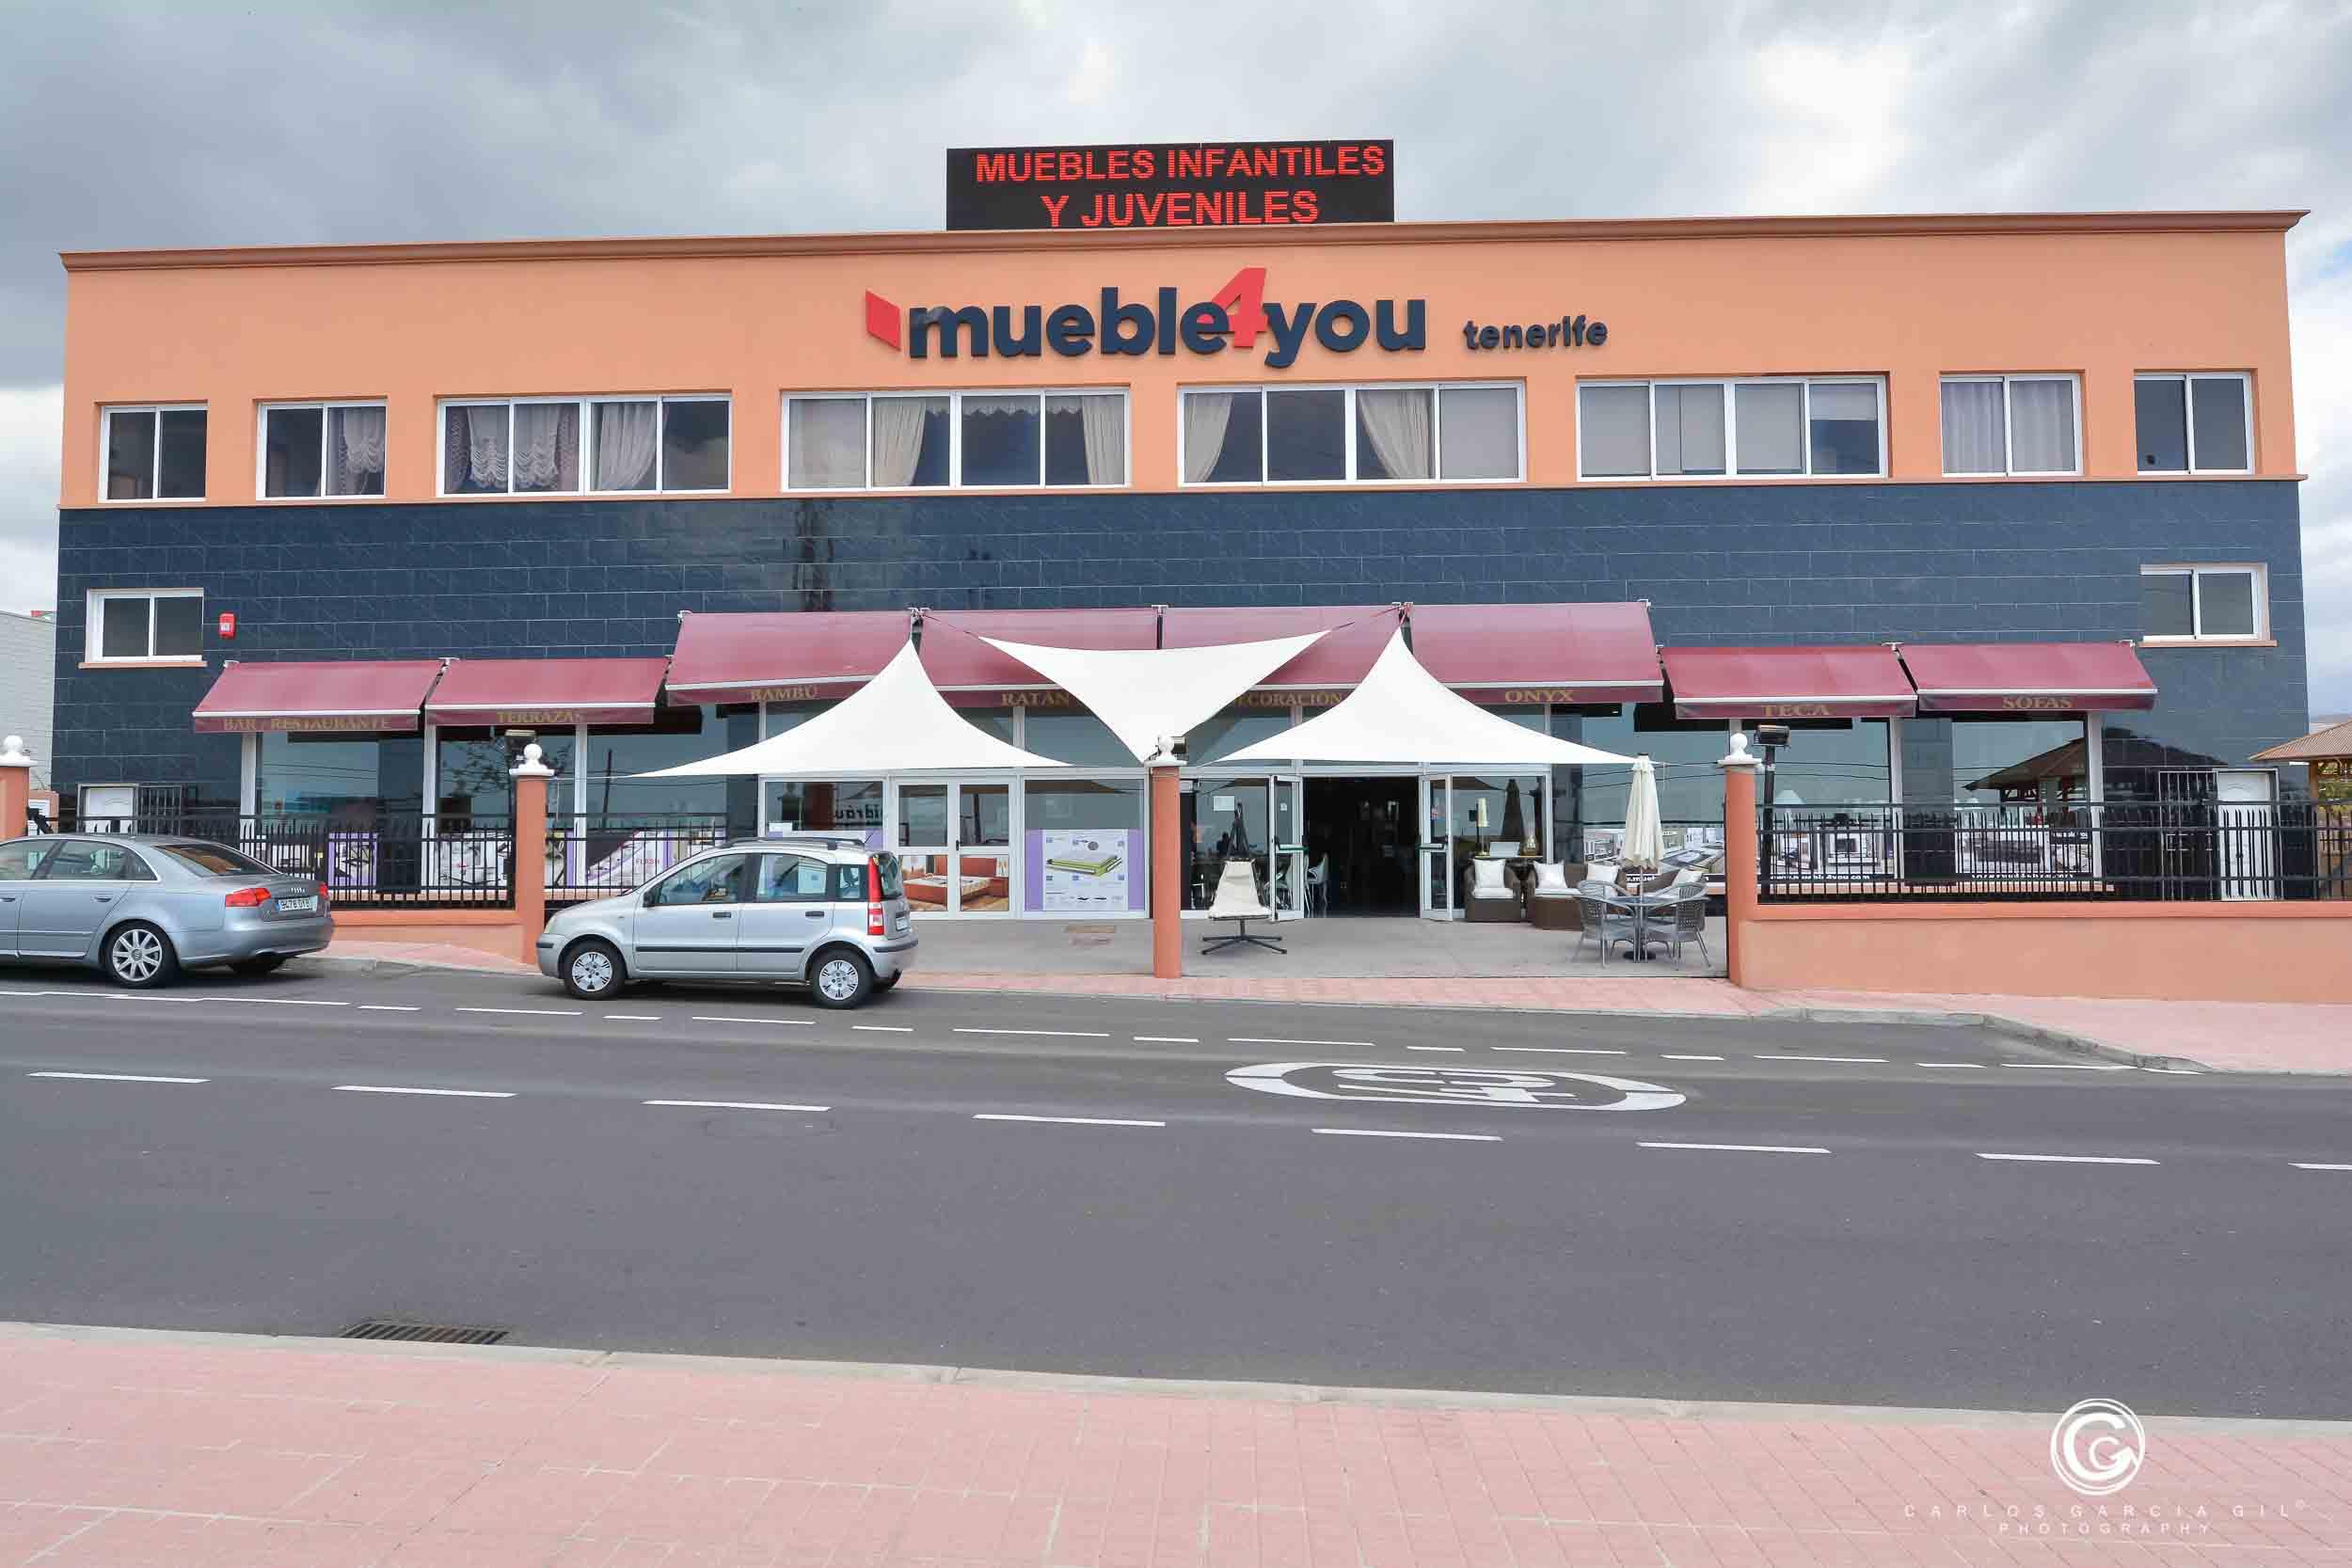 Mueble4you Tenerife Tienda De Muebles En Tenerife # Muebles Fast Food